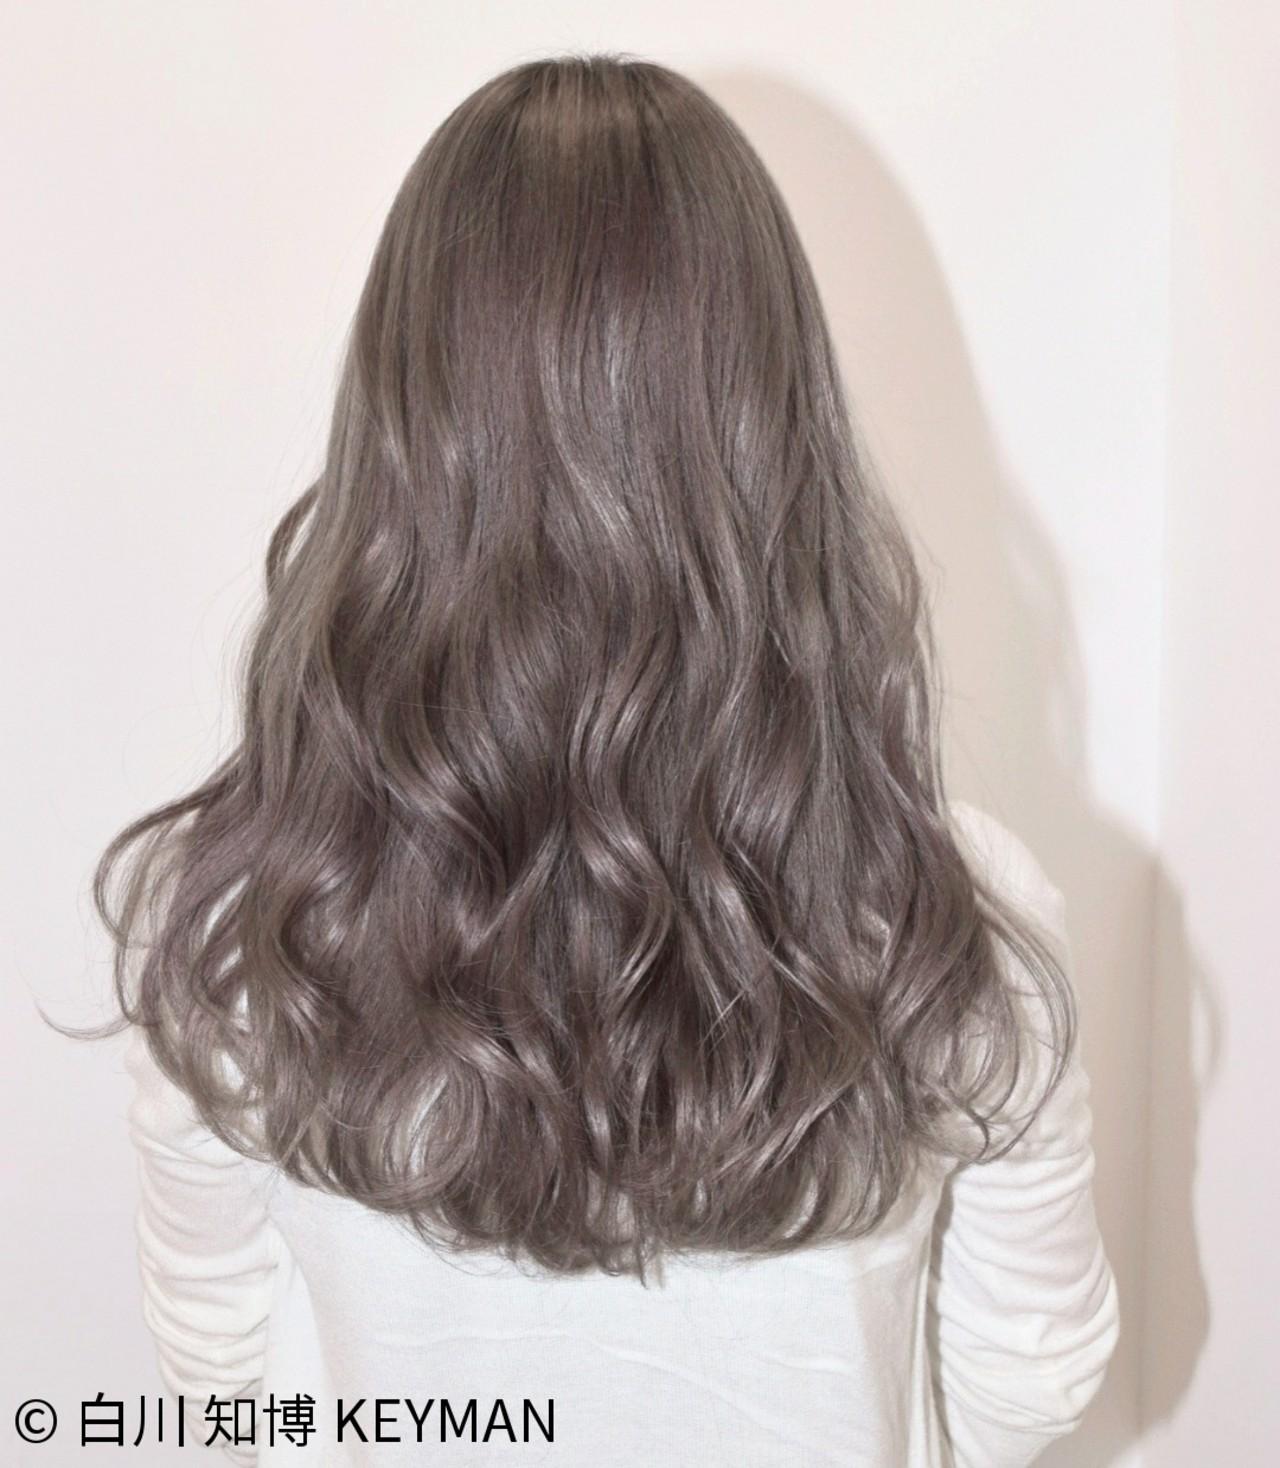 ストリート 秋 セミロング ウェーブ ヘアスタイルや髪型の写真・画像 | 白川 知博 / KEYMAN